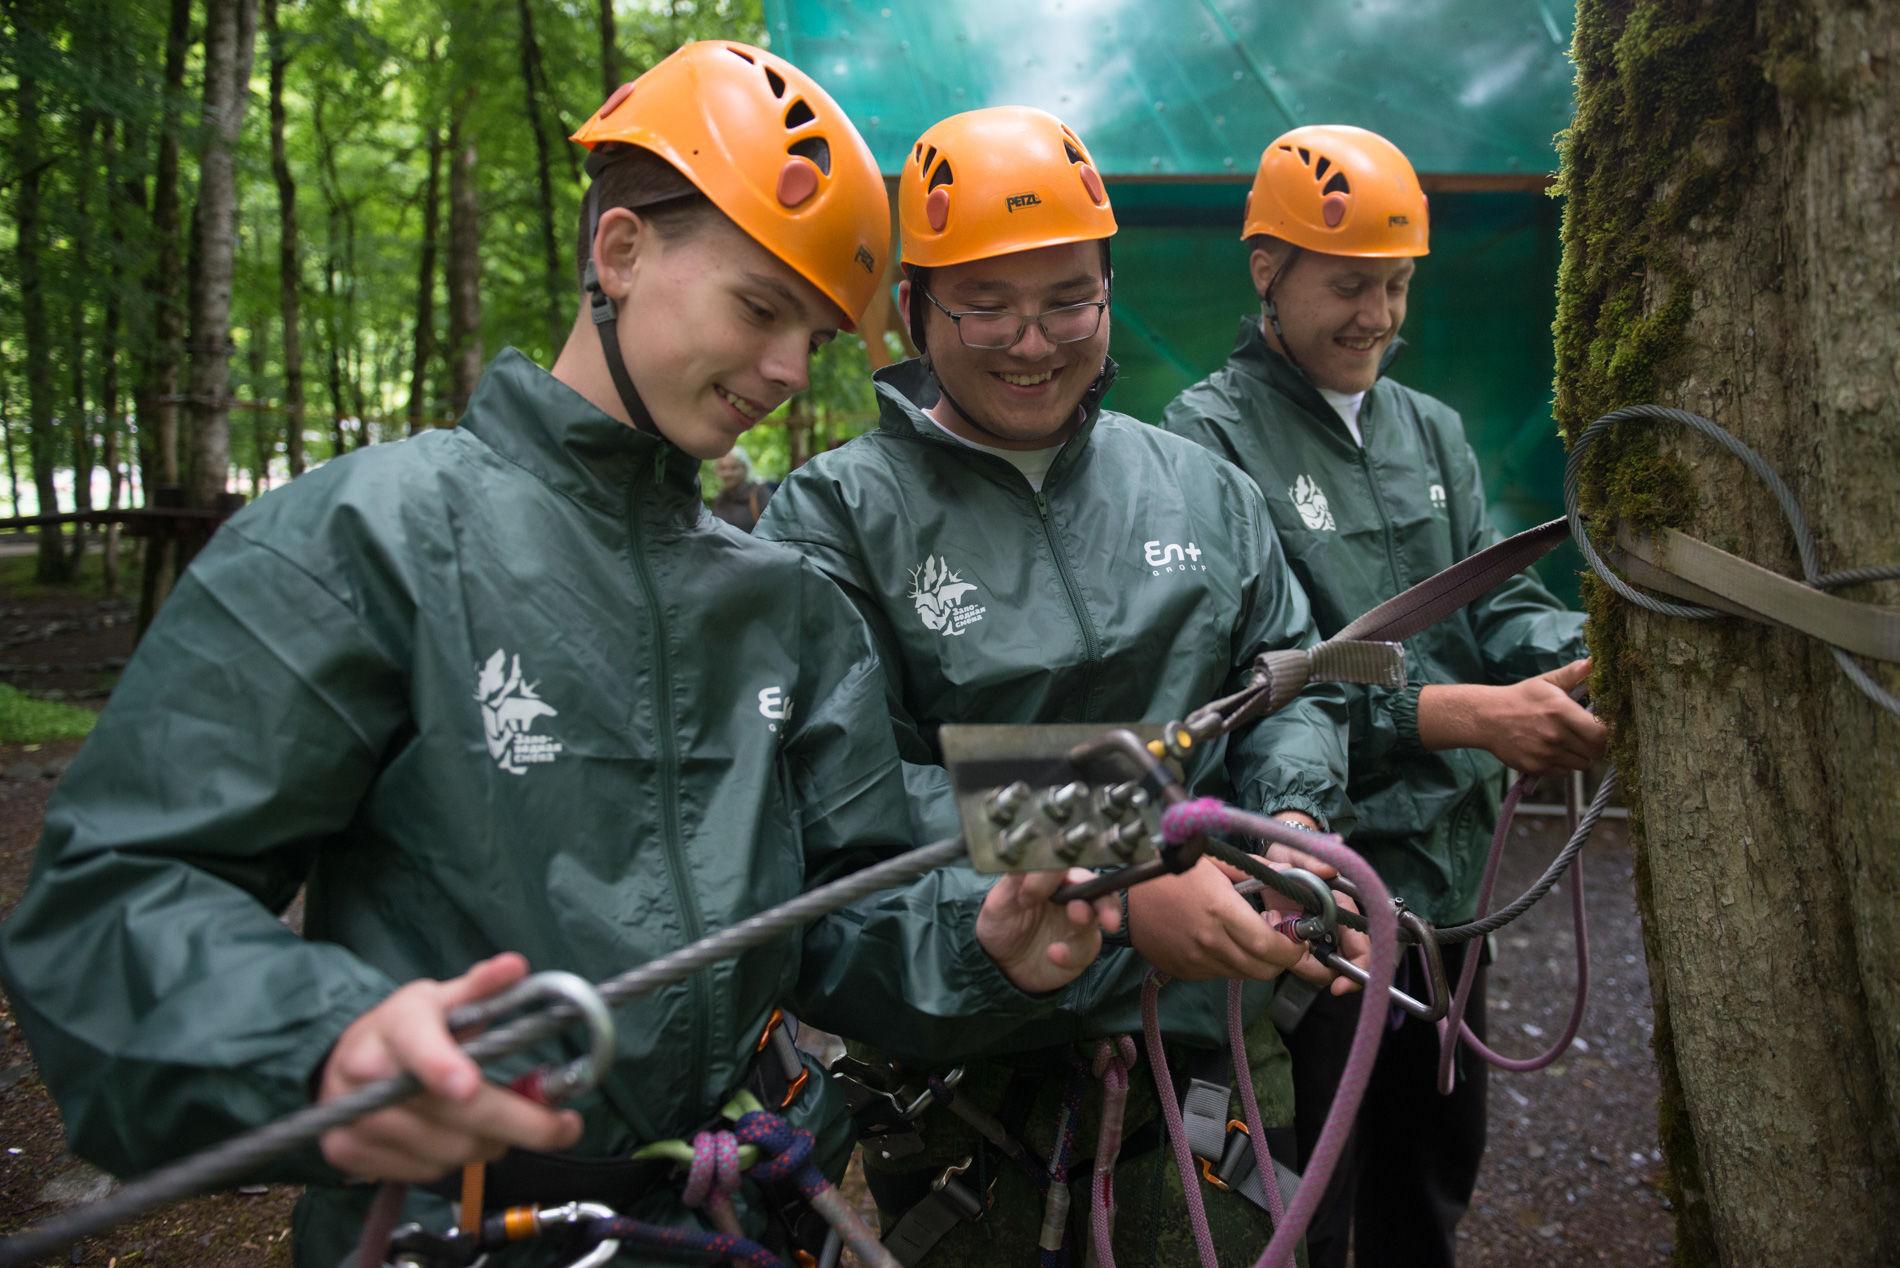 Экспедиция включает в себя различные активности, в том числе прохождение веревочного парка ©Фото Артура Лебедева